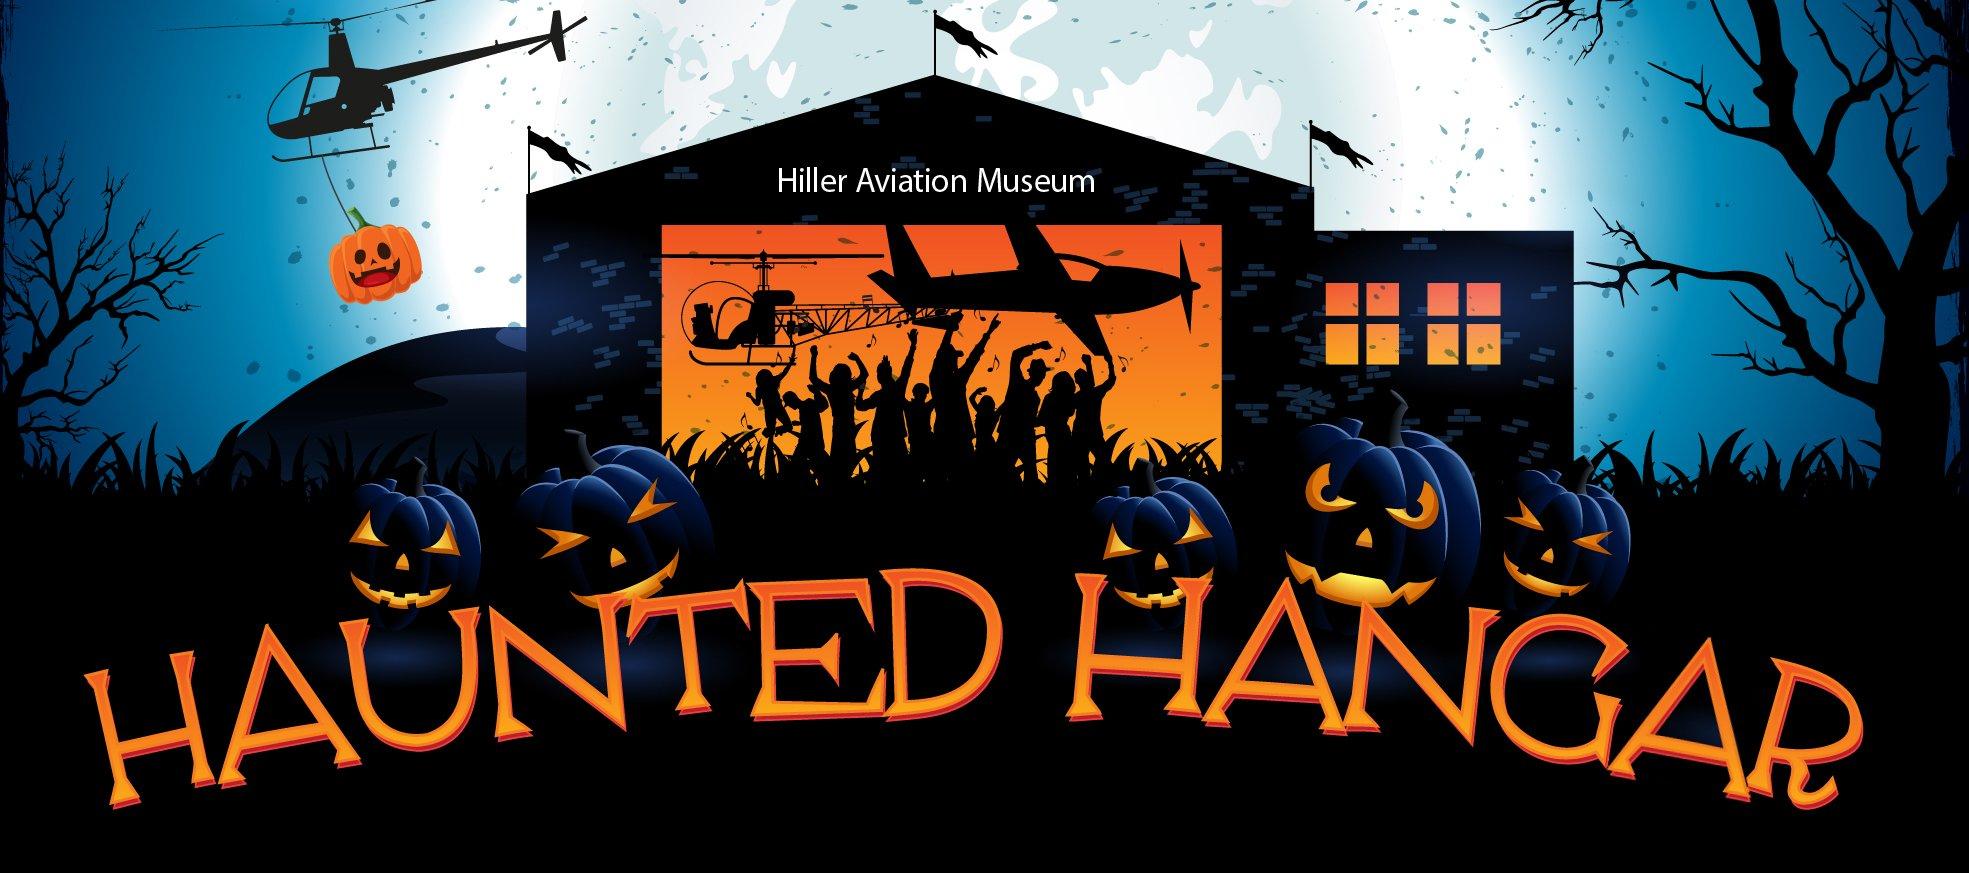 Hiller-Haunted-Hangar-Party